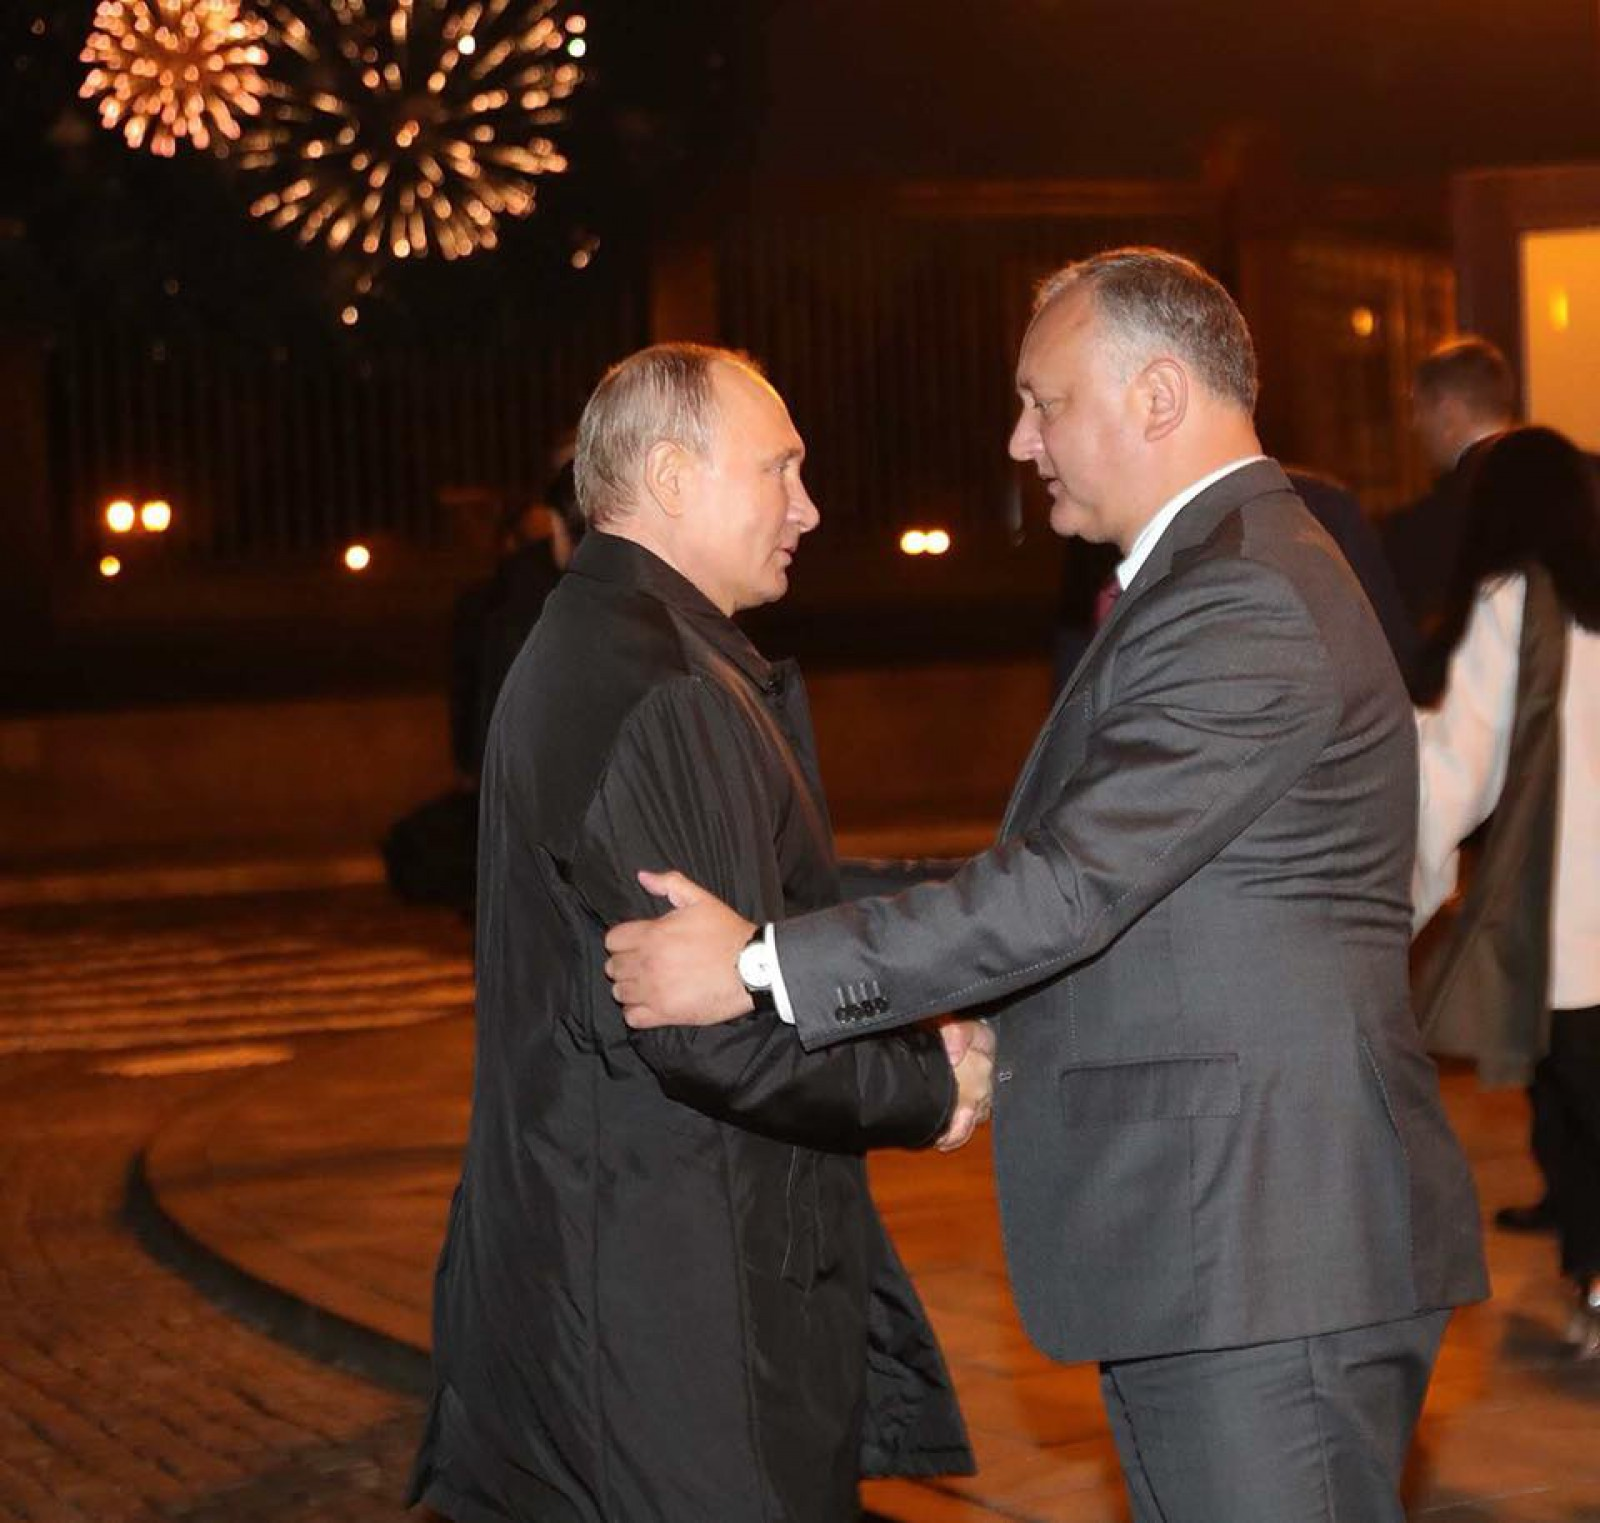 """(foto) Dodon, """"susținătorul fidel"""" al Rusiei chiar și în fotbal: """"M-am întâlnit cu Putin, i-am dorit succes echipei la Cupa Mondială FIFA 2018"""""""